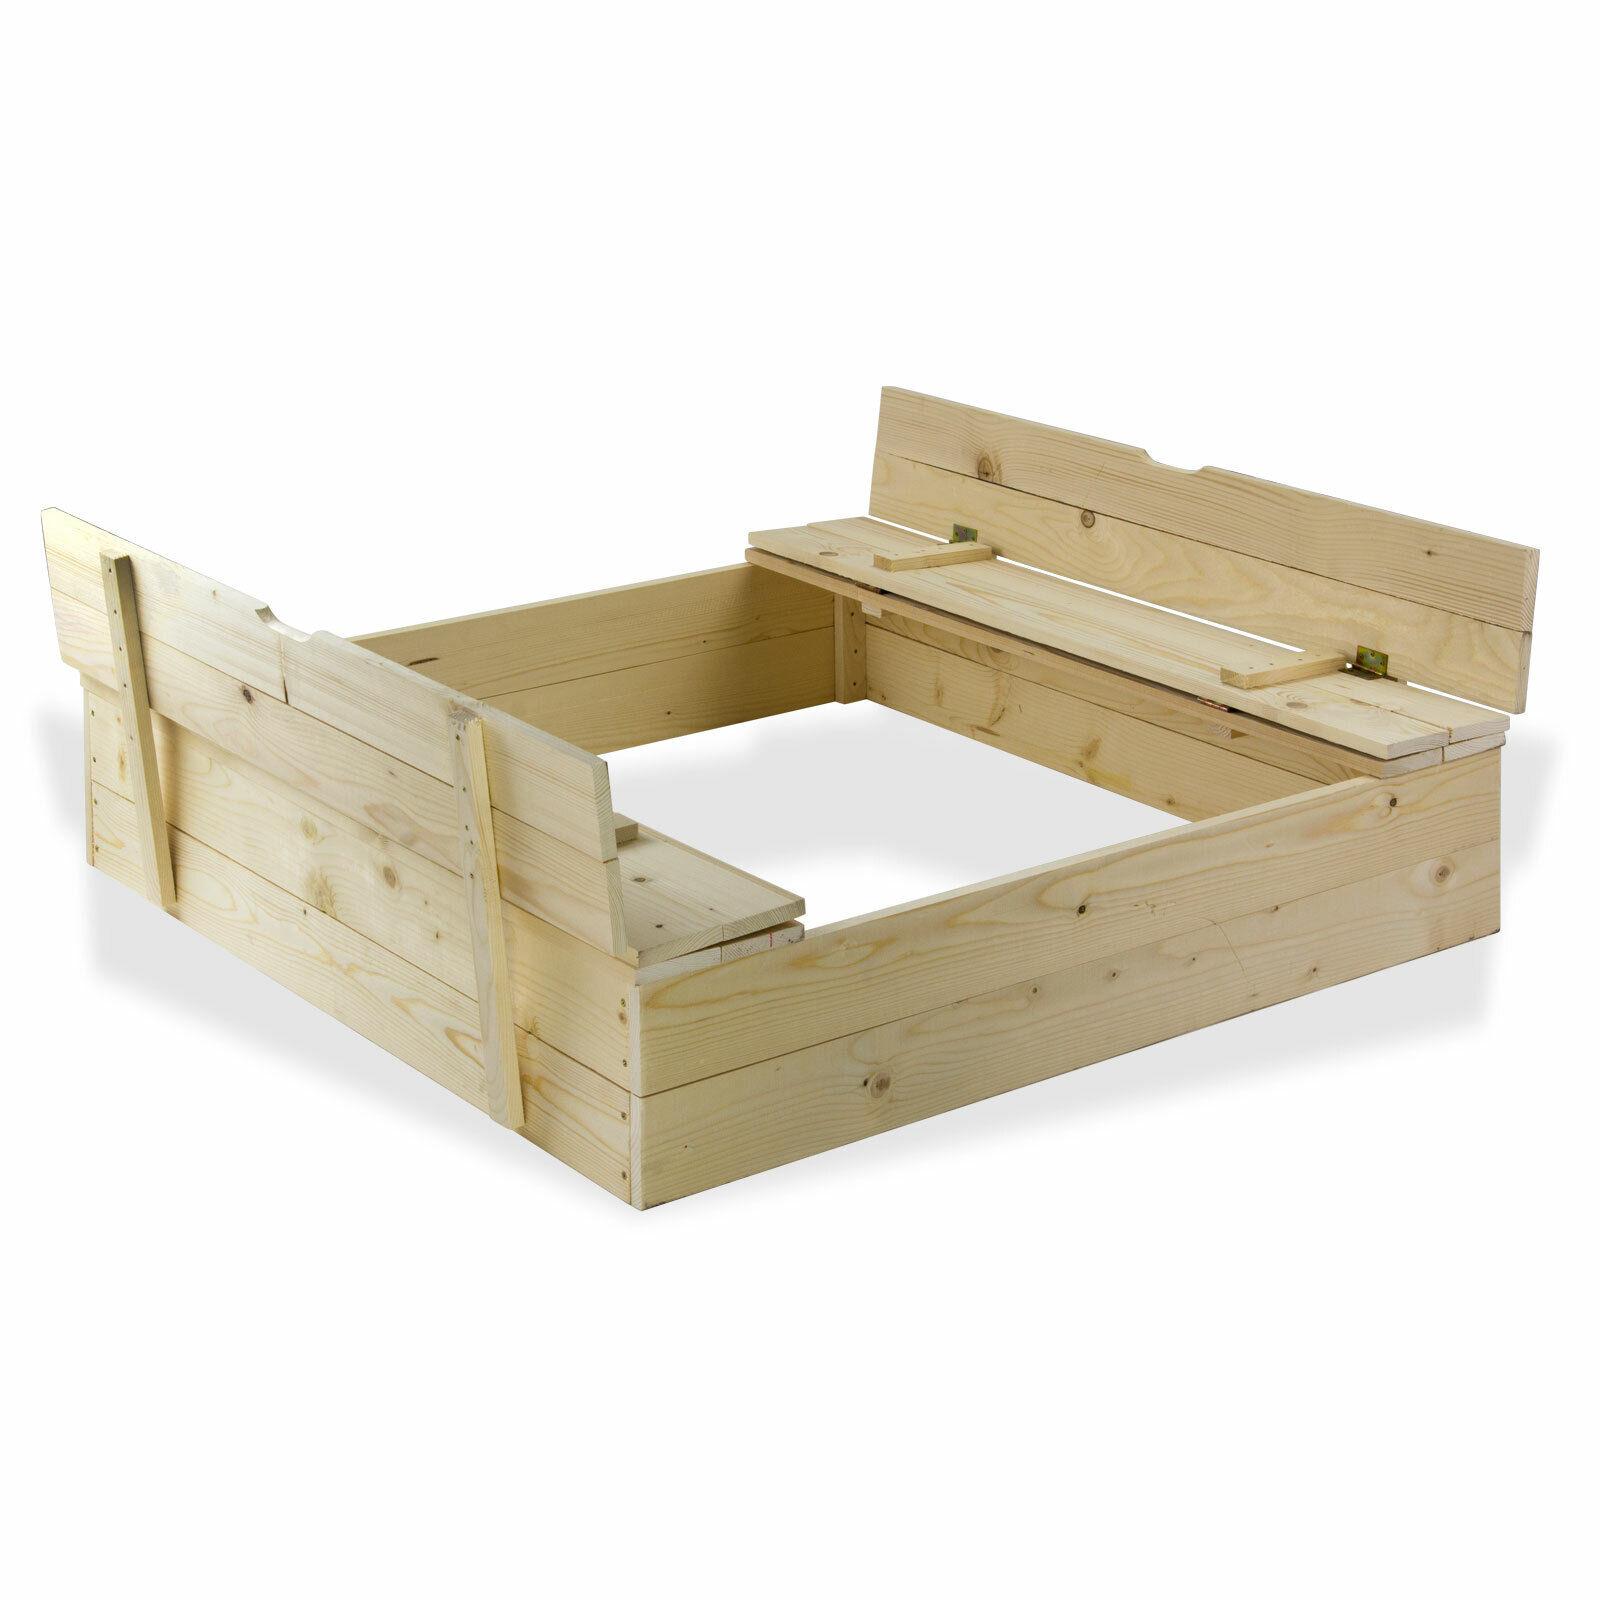 Sandkasten mit klappbaren Sitzbänken aus Massivholz 120x120 cm Kinder Garten  | Modern